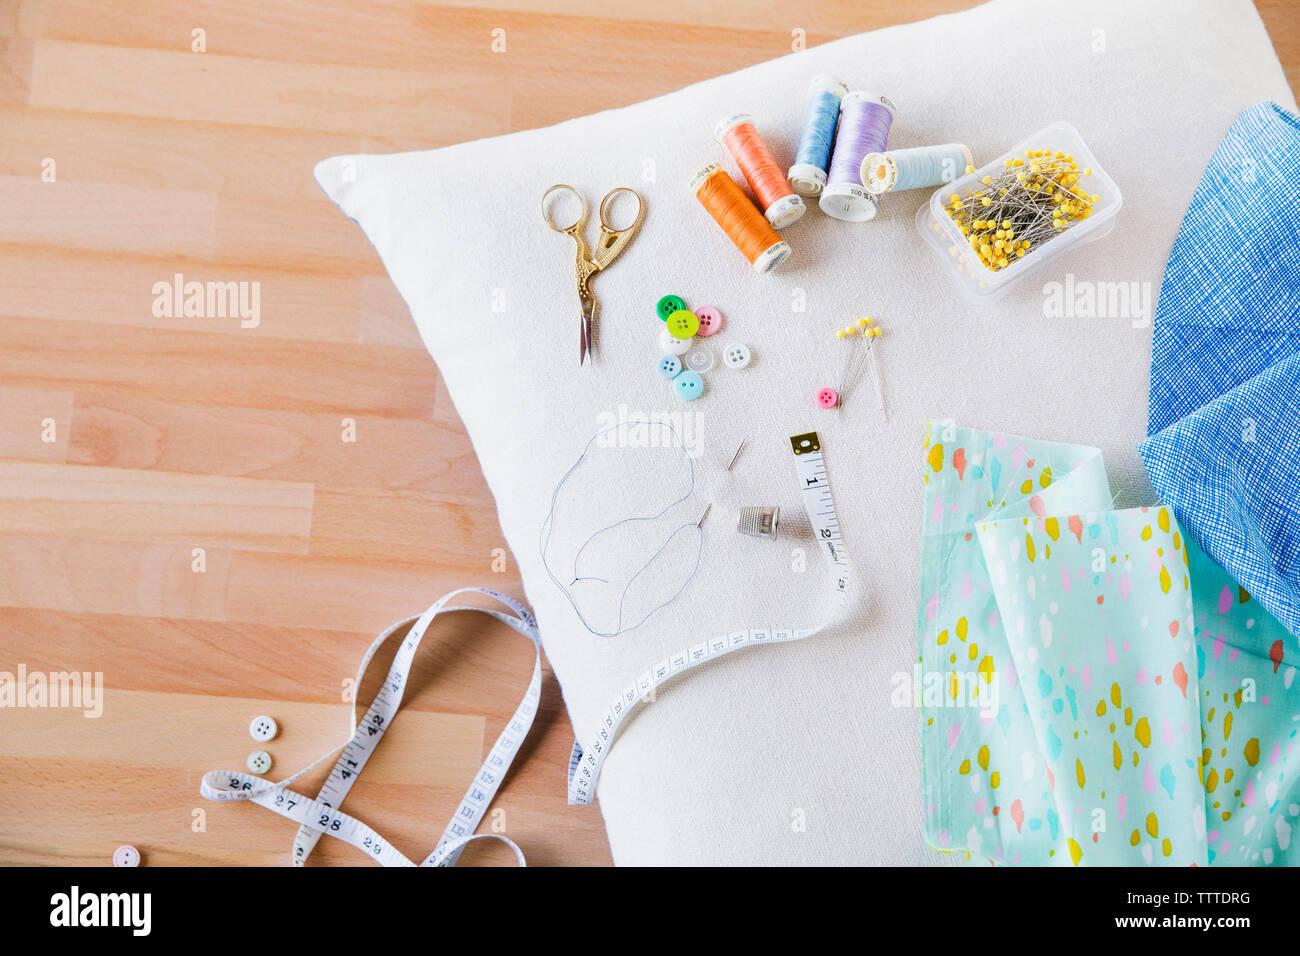 Vista aérea de la costura tema sobre almohada en la mesa Foto de stock